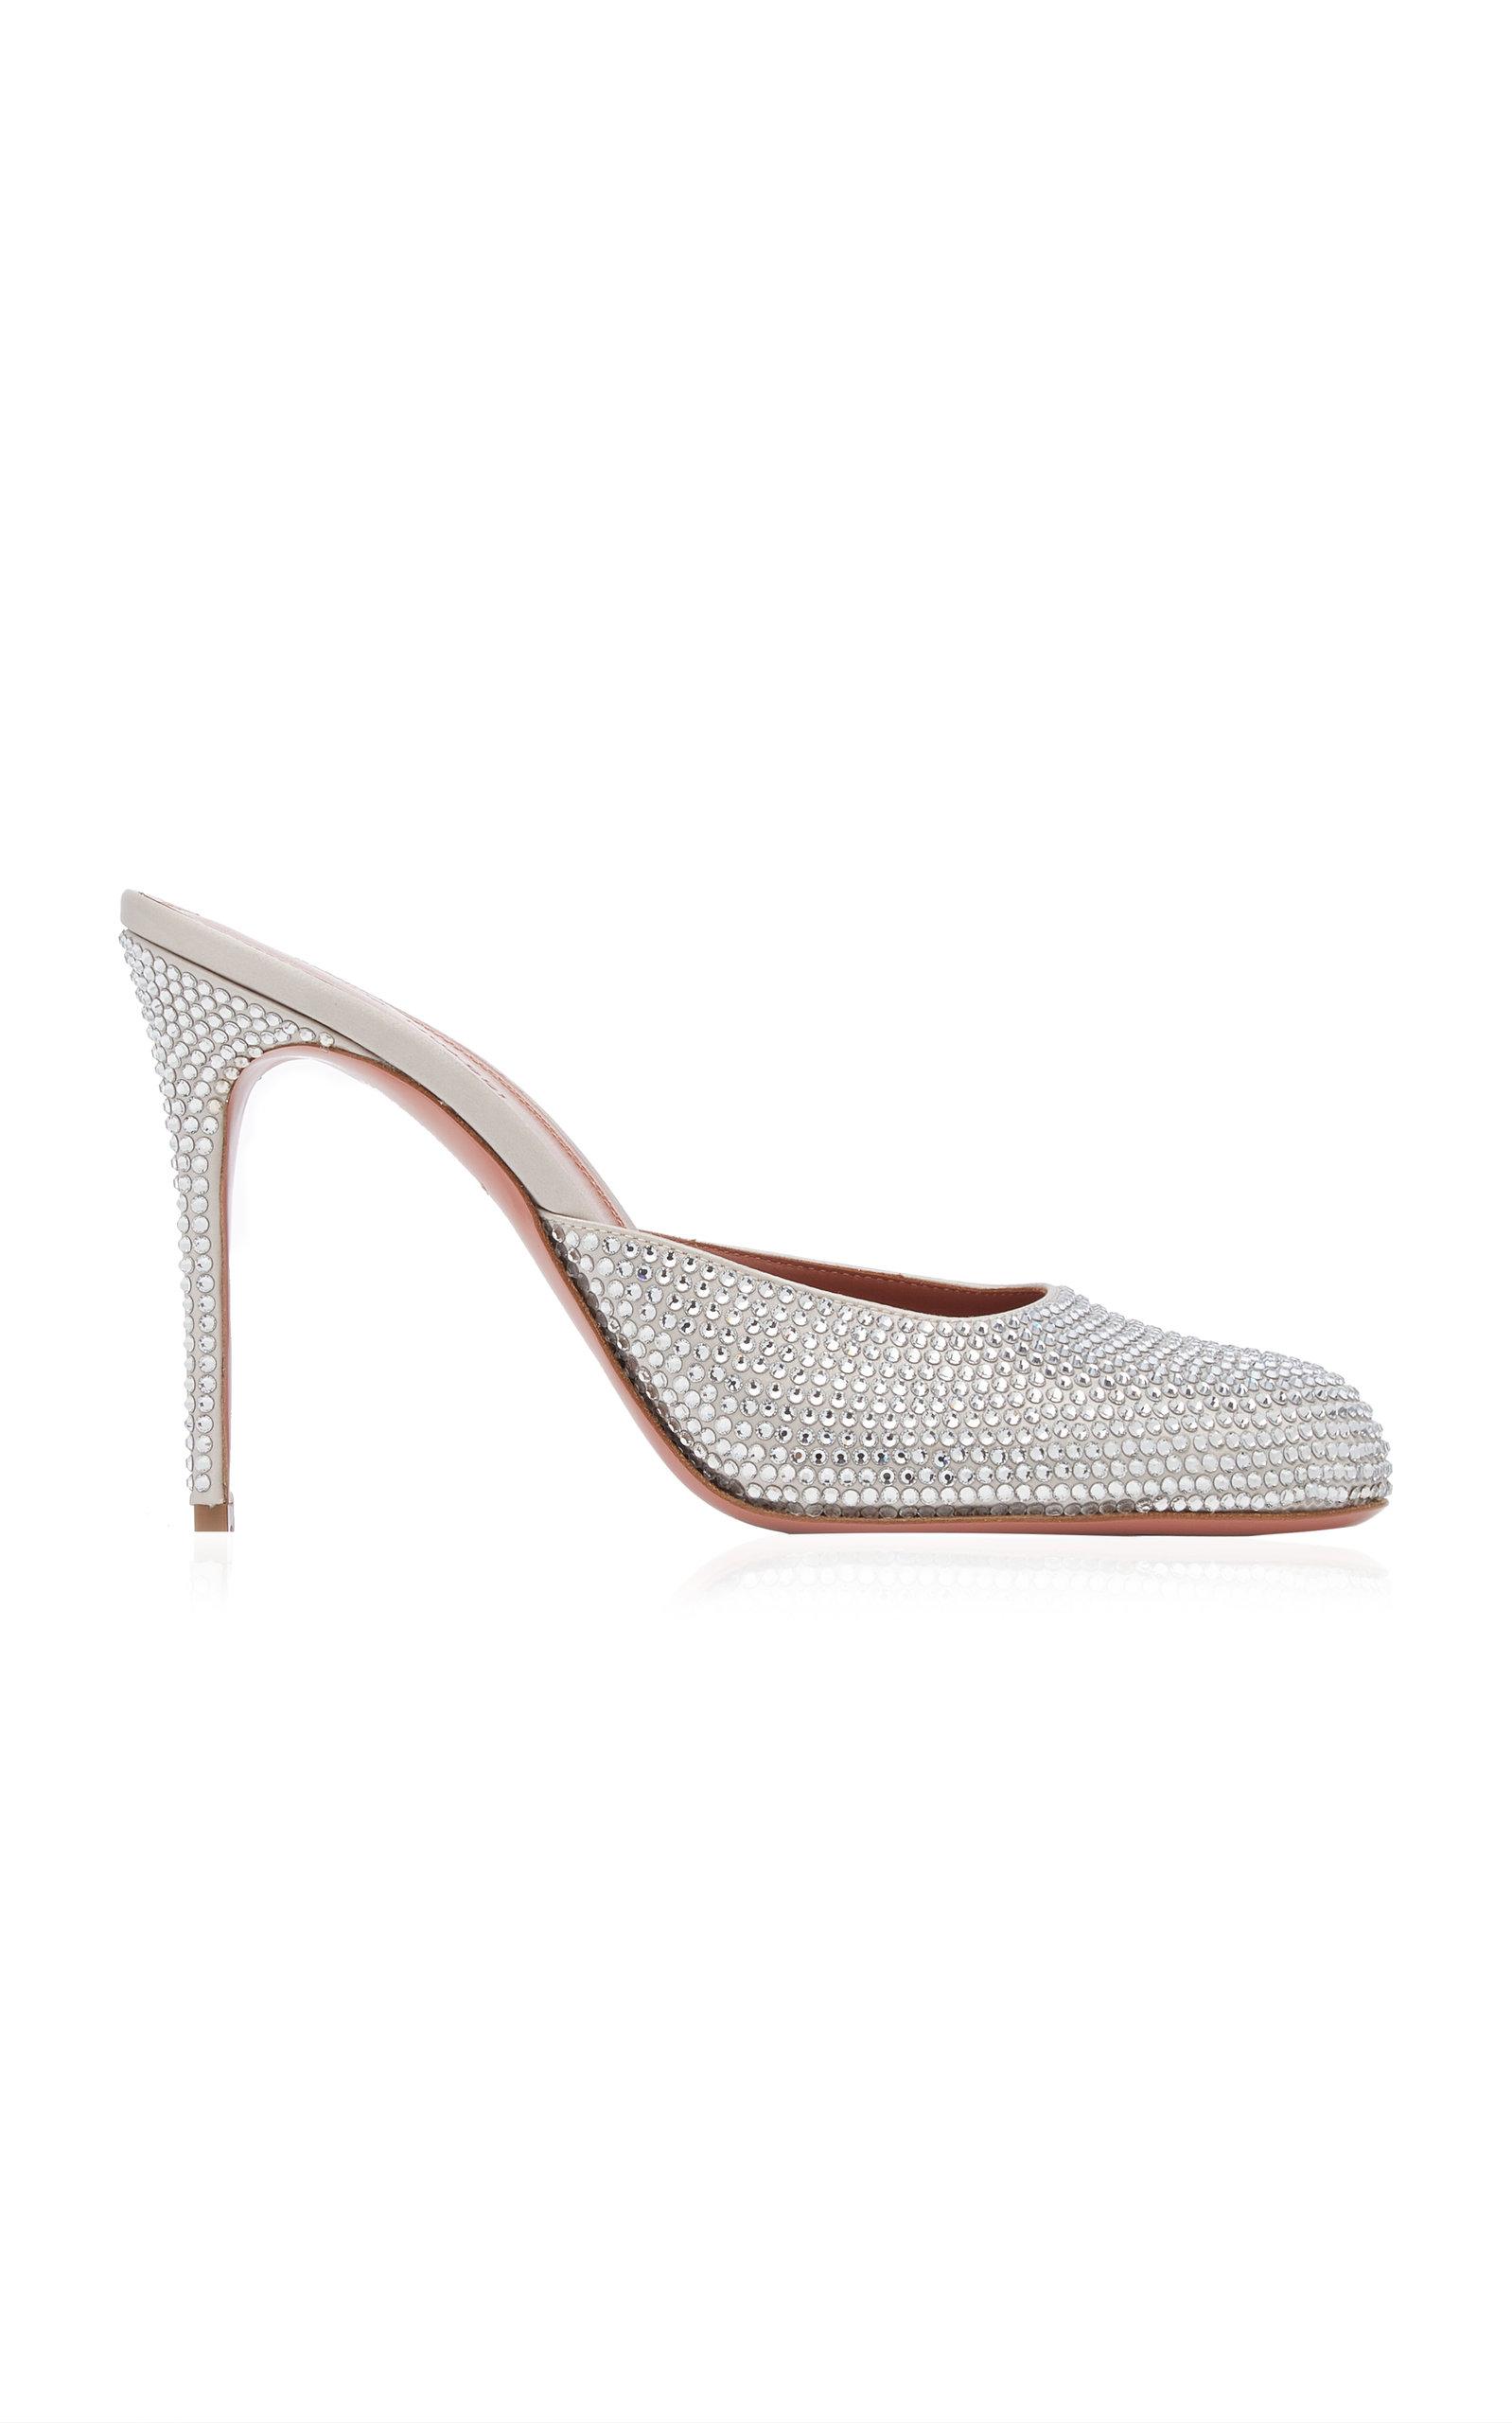 Amina Muaddi – Women's Emili Crystal-Embellished Satin Mules – White – Moda Operandi